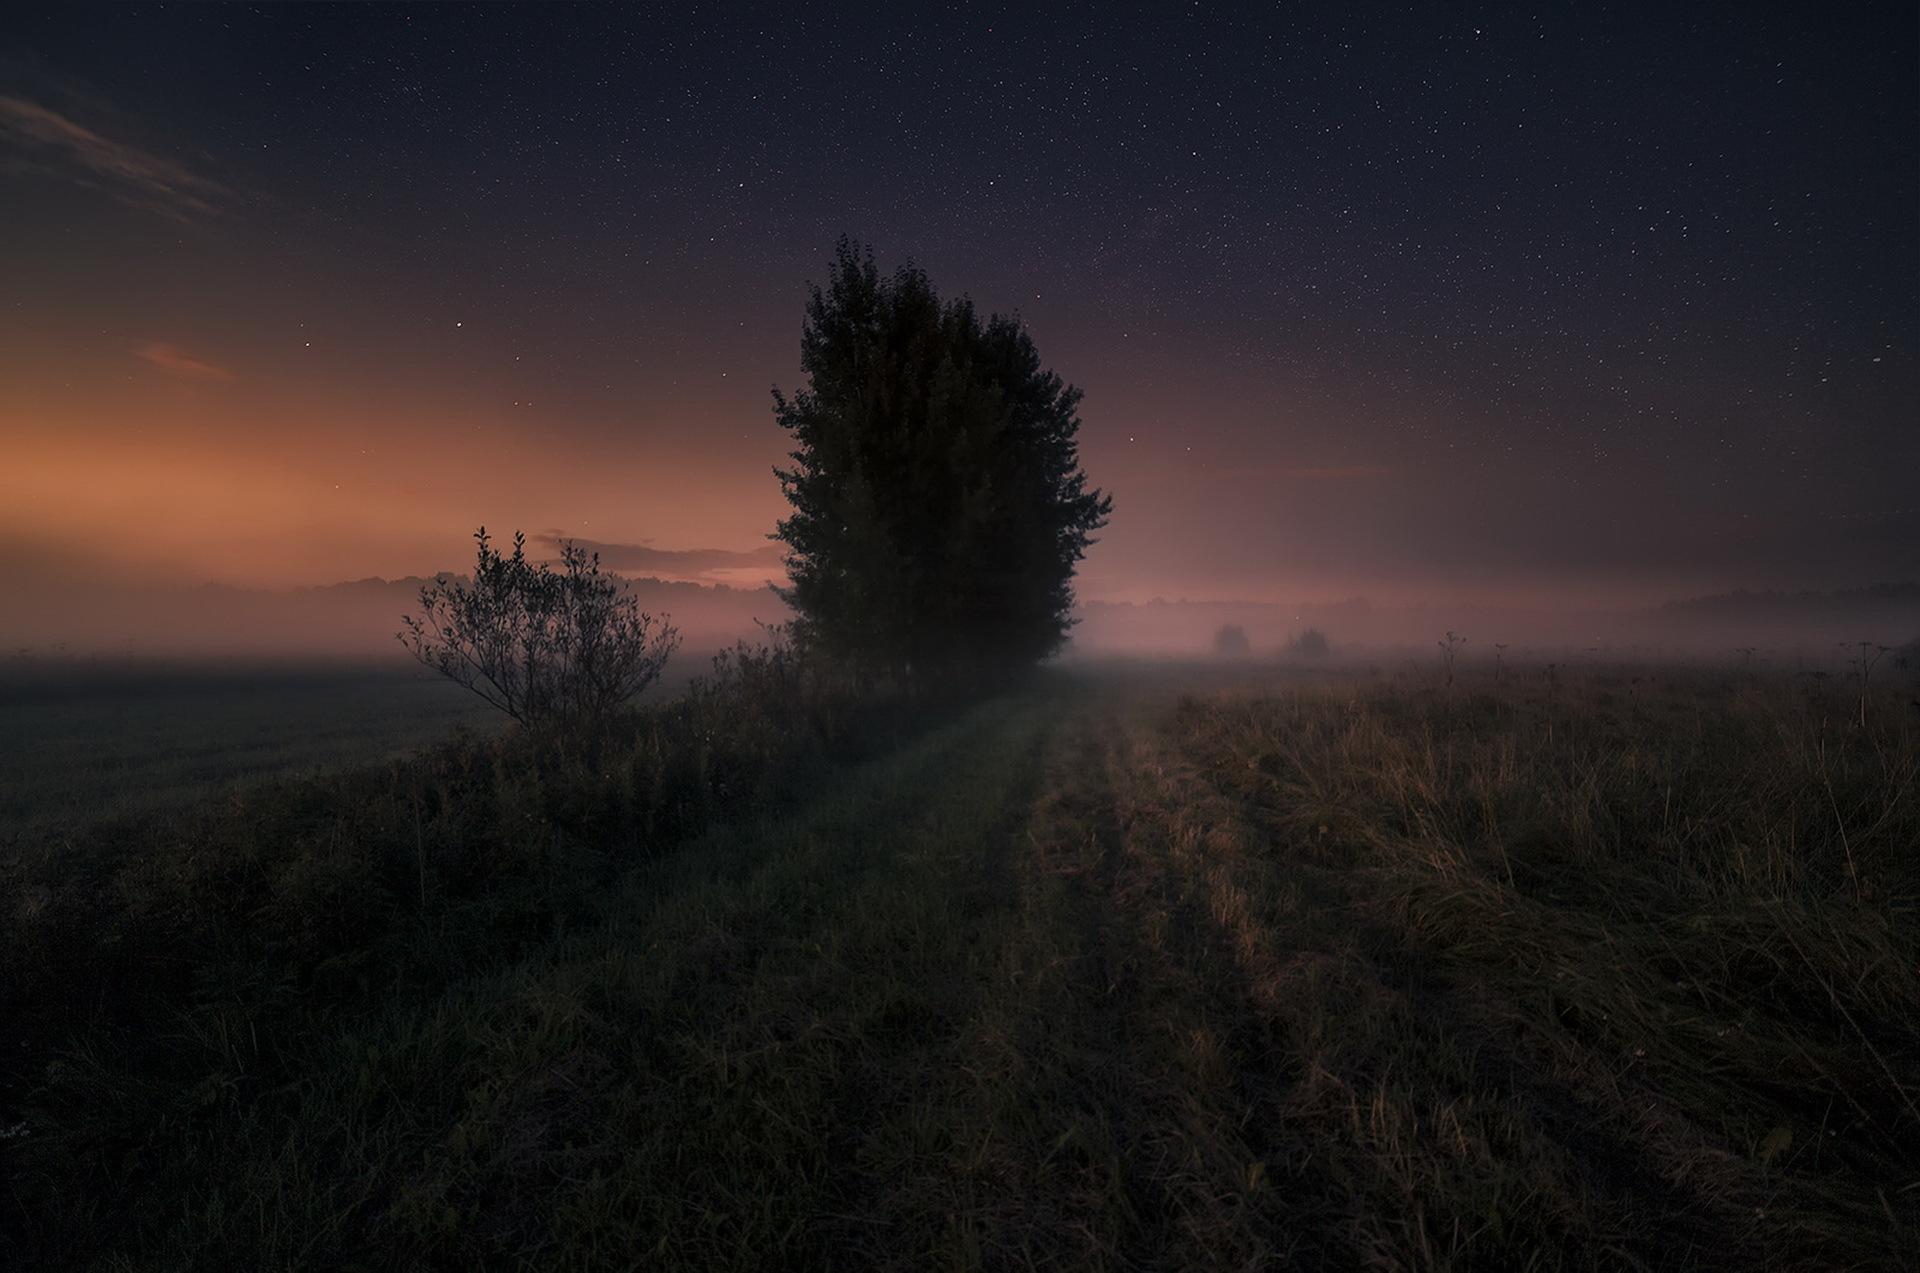 картинки в поле ночью точки зрения